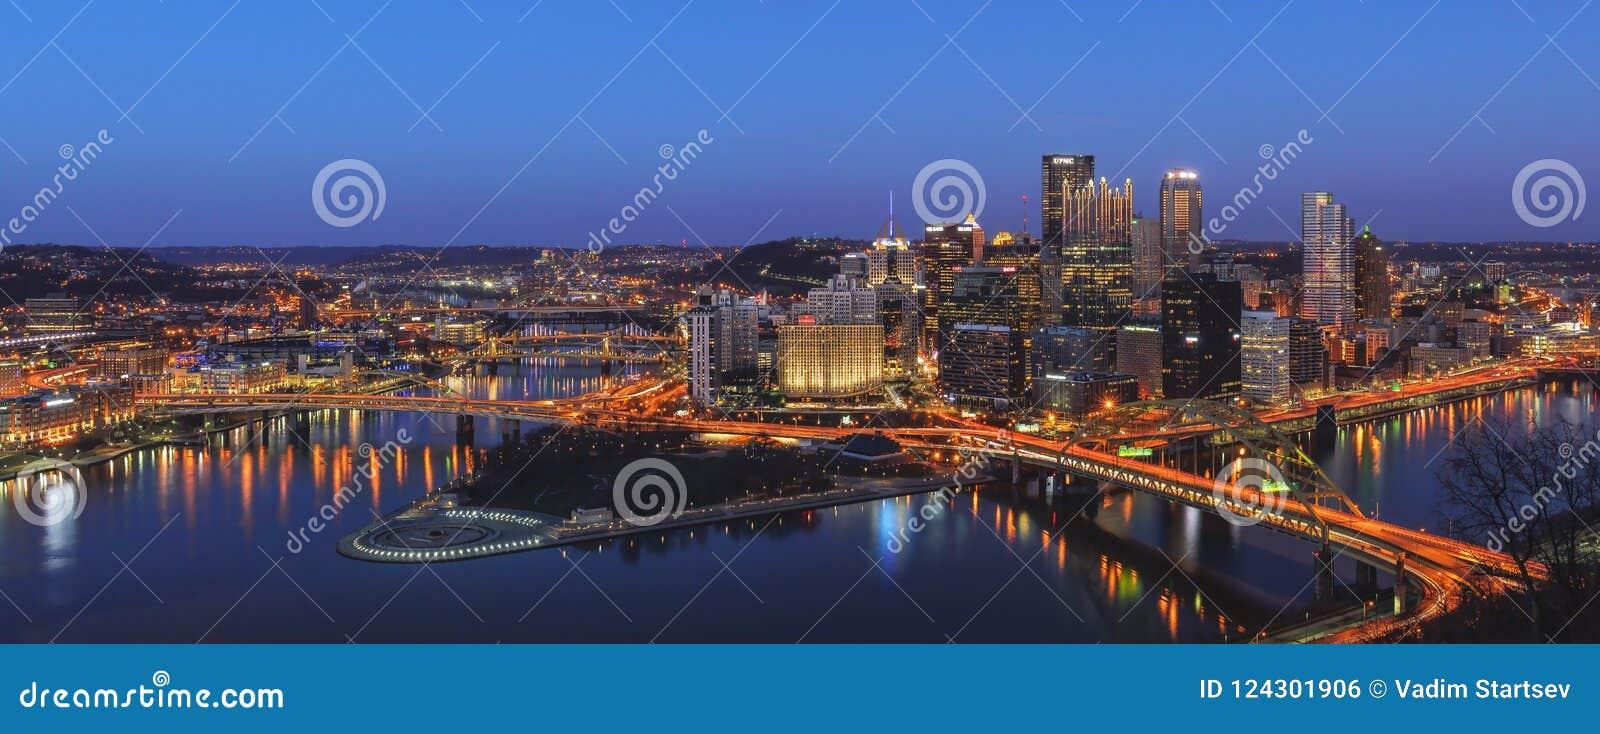 Stadtzentrum von Pittsburg nachts